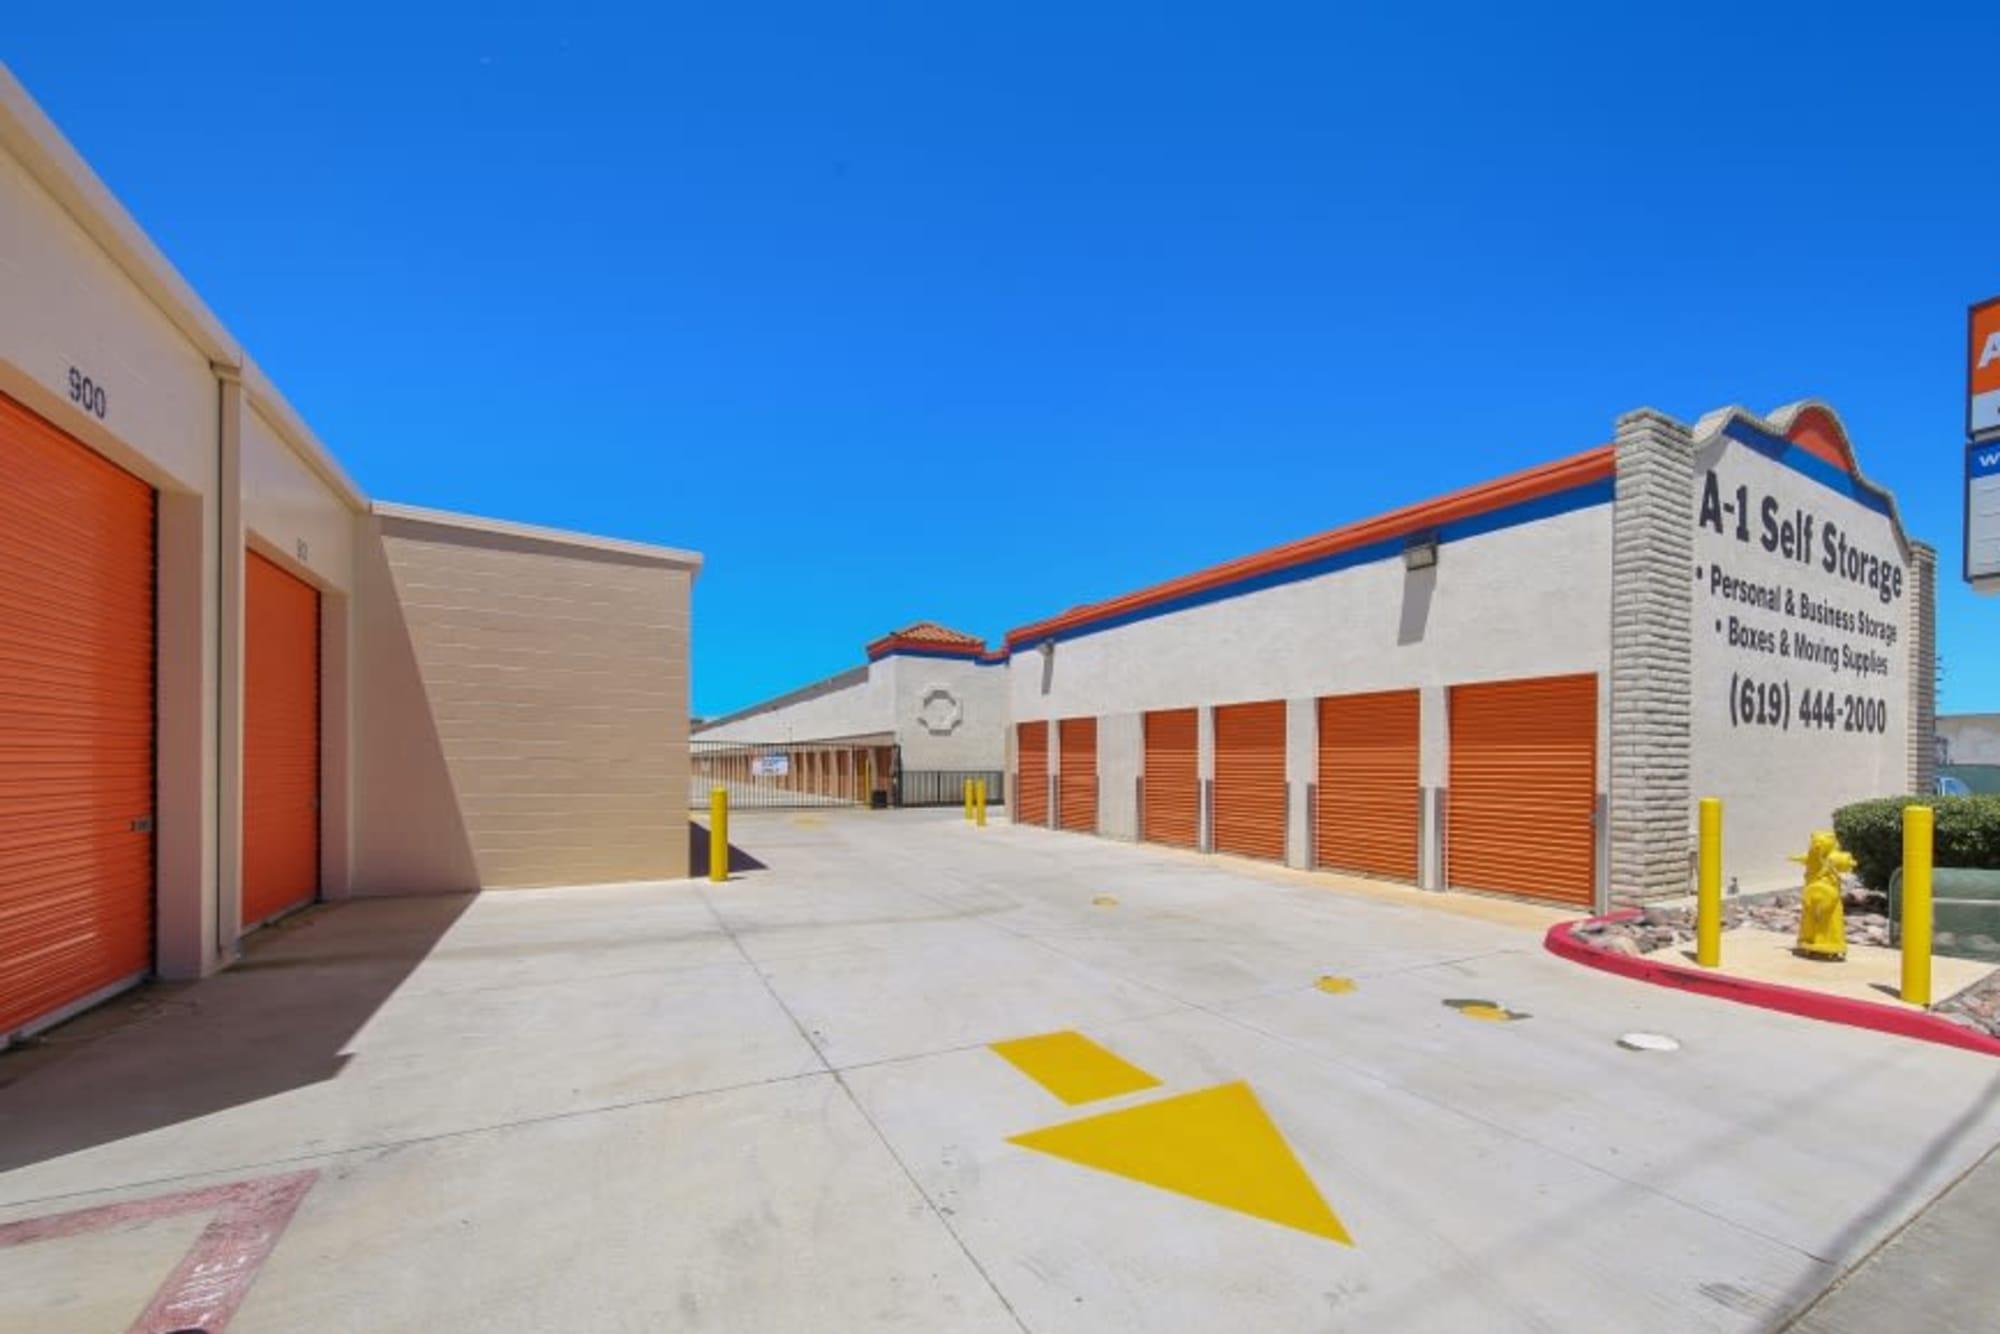 Outdoor storage units in El Cajon, California